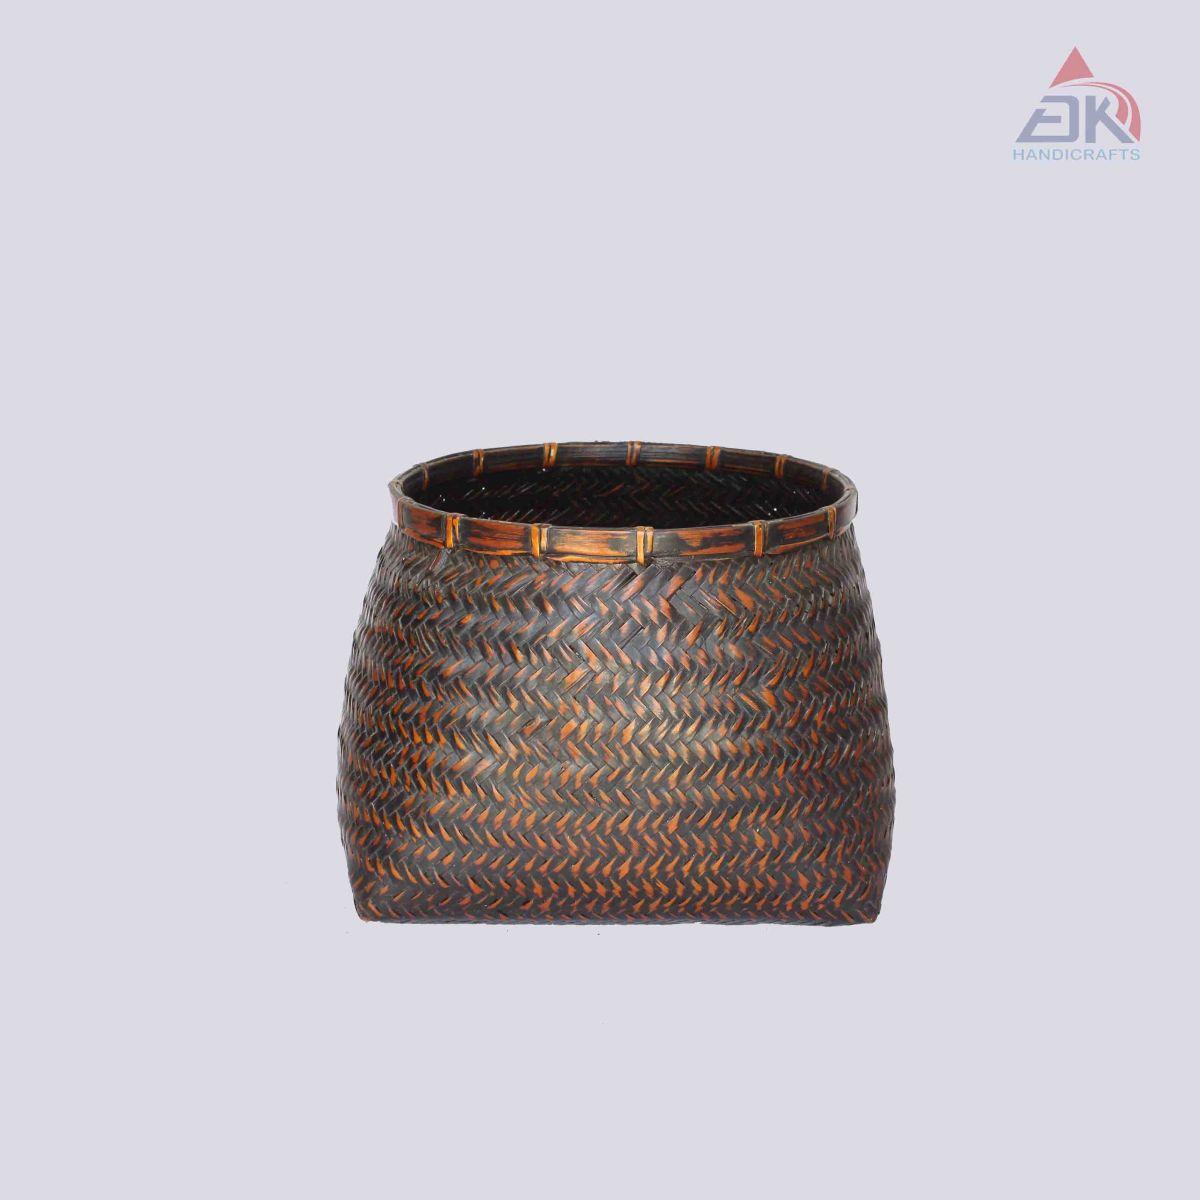 Bamboo Basket Styling